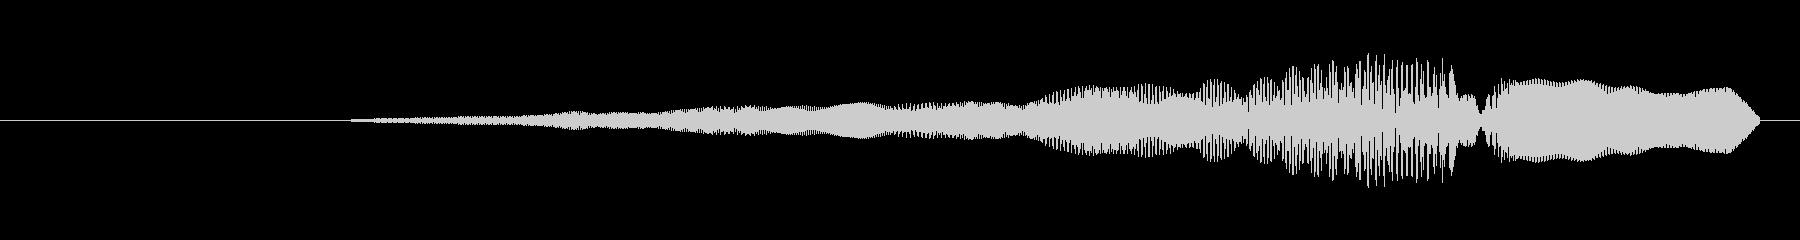 育成形?なかわいいポップ音の未再生の波形